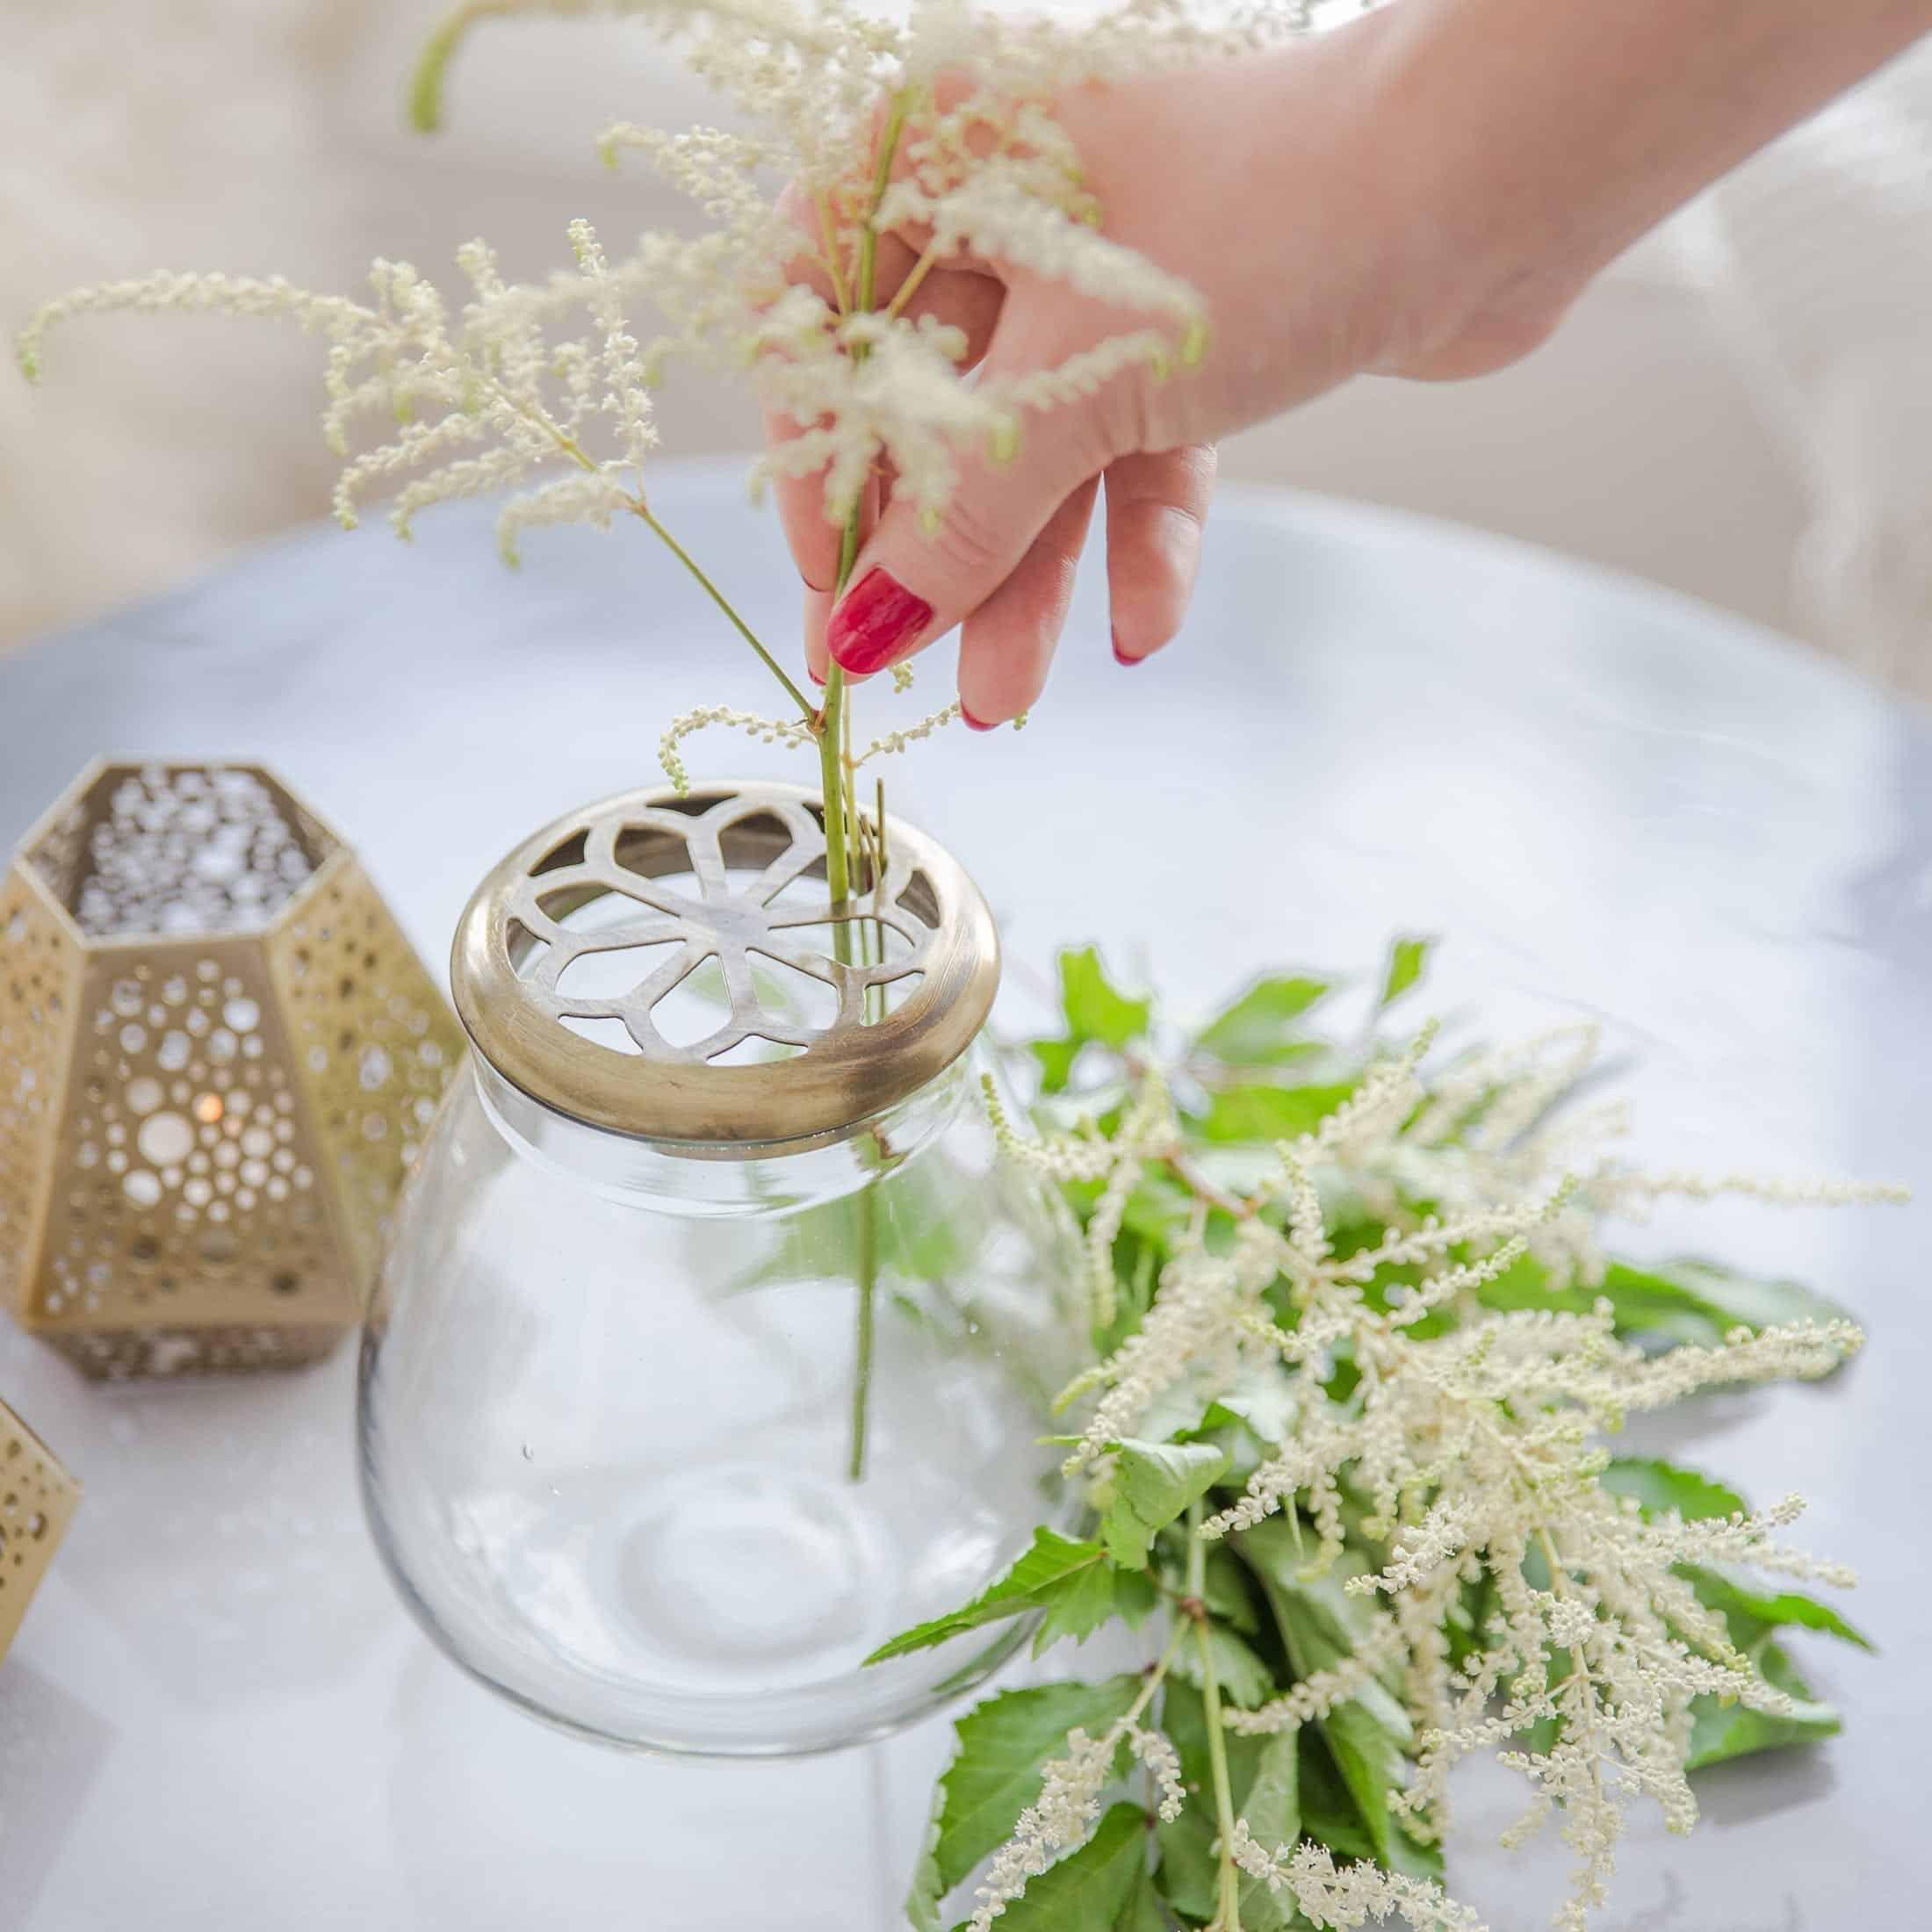 Runde Vase mit goldenem Deckel für einzelne Blumen im Art Deco Stil von der Marke Affari. Kleine Vase mit goldenem Metall Deckel im skandinavischen Stil